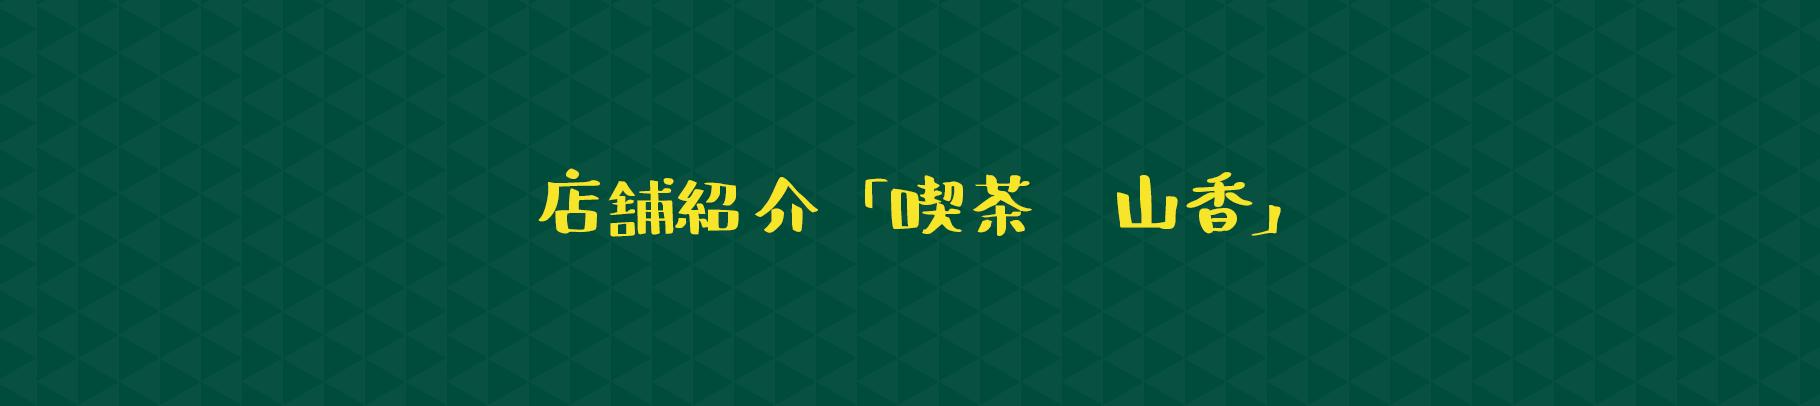 店舗紹介「喫茶 山香」